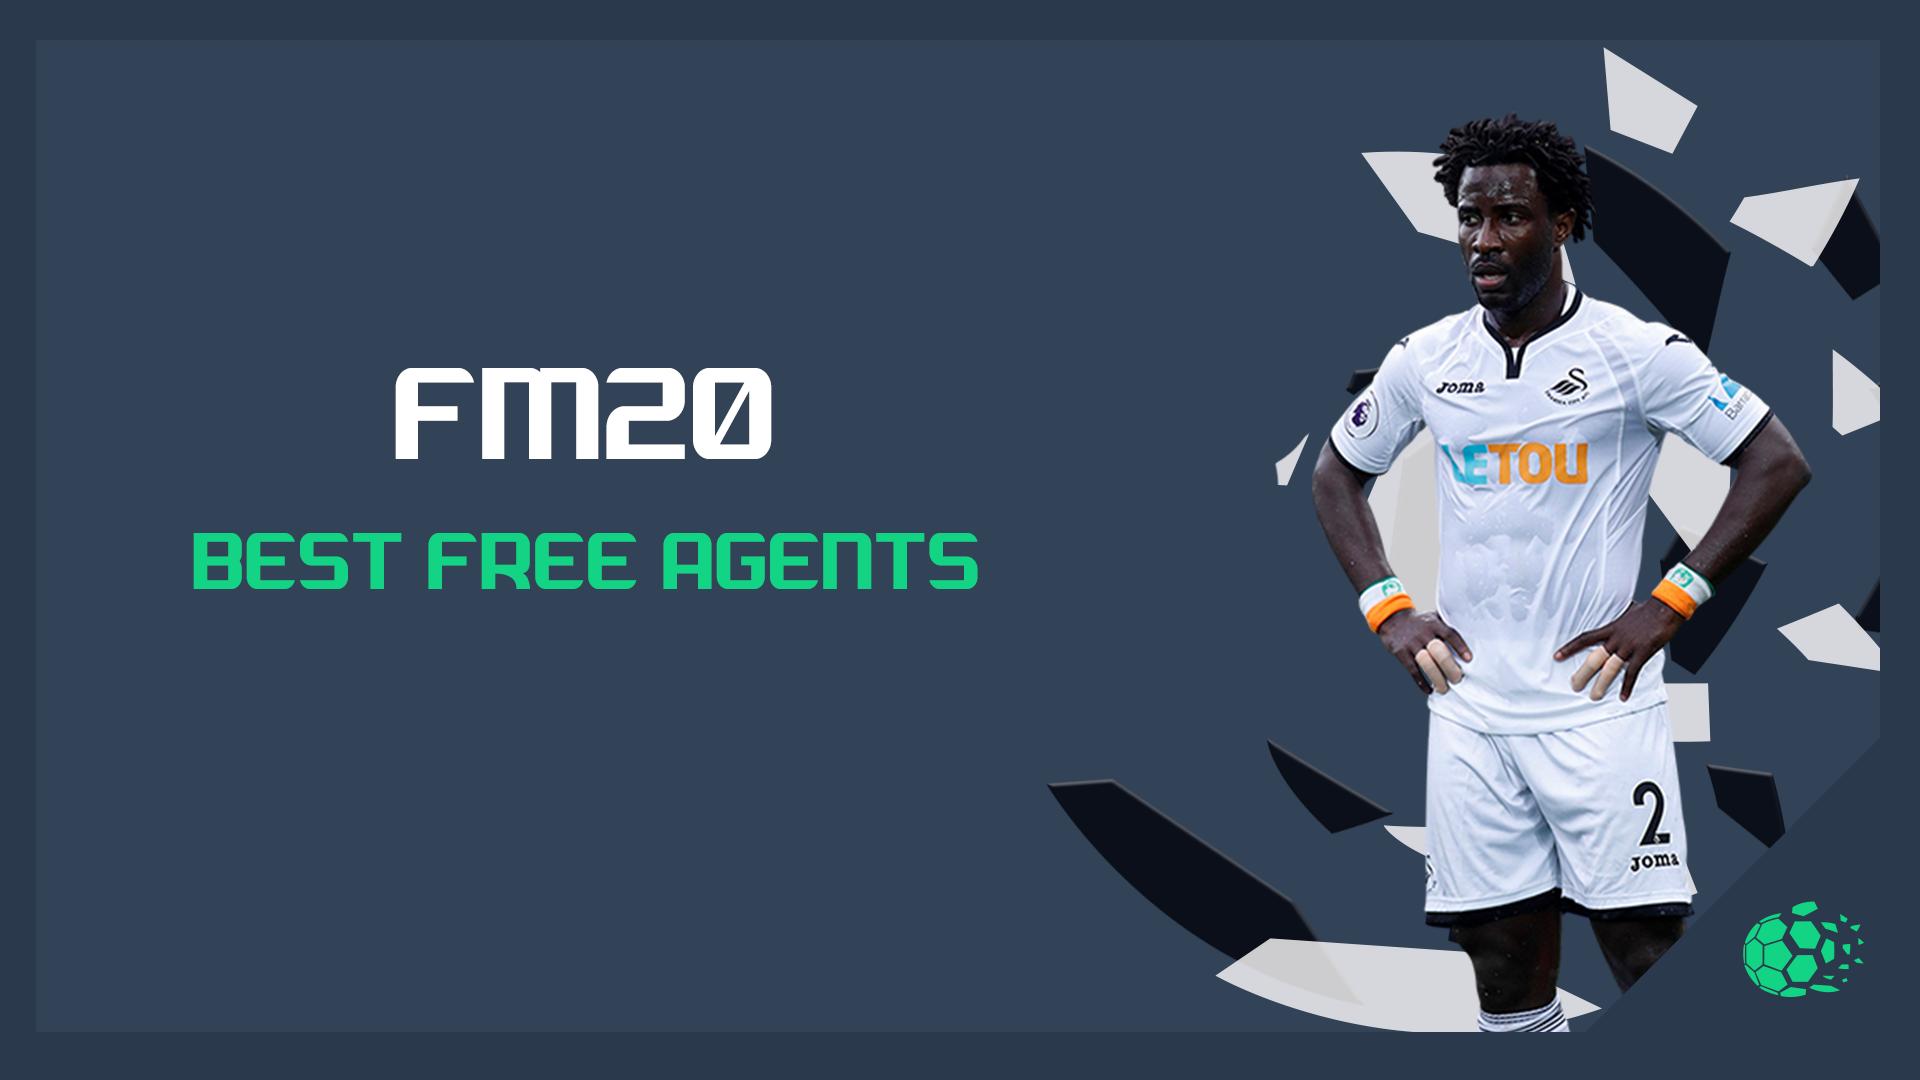 """""""FM20FM20: Best Free Agents"""" feature image"""